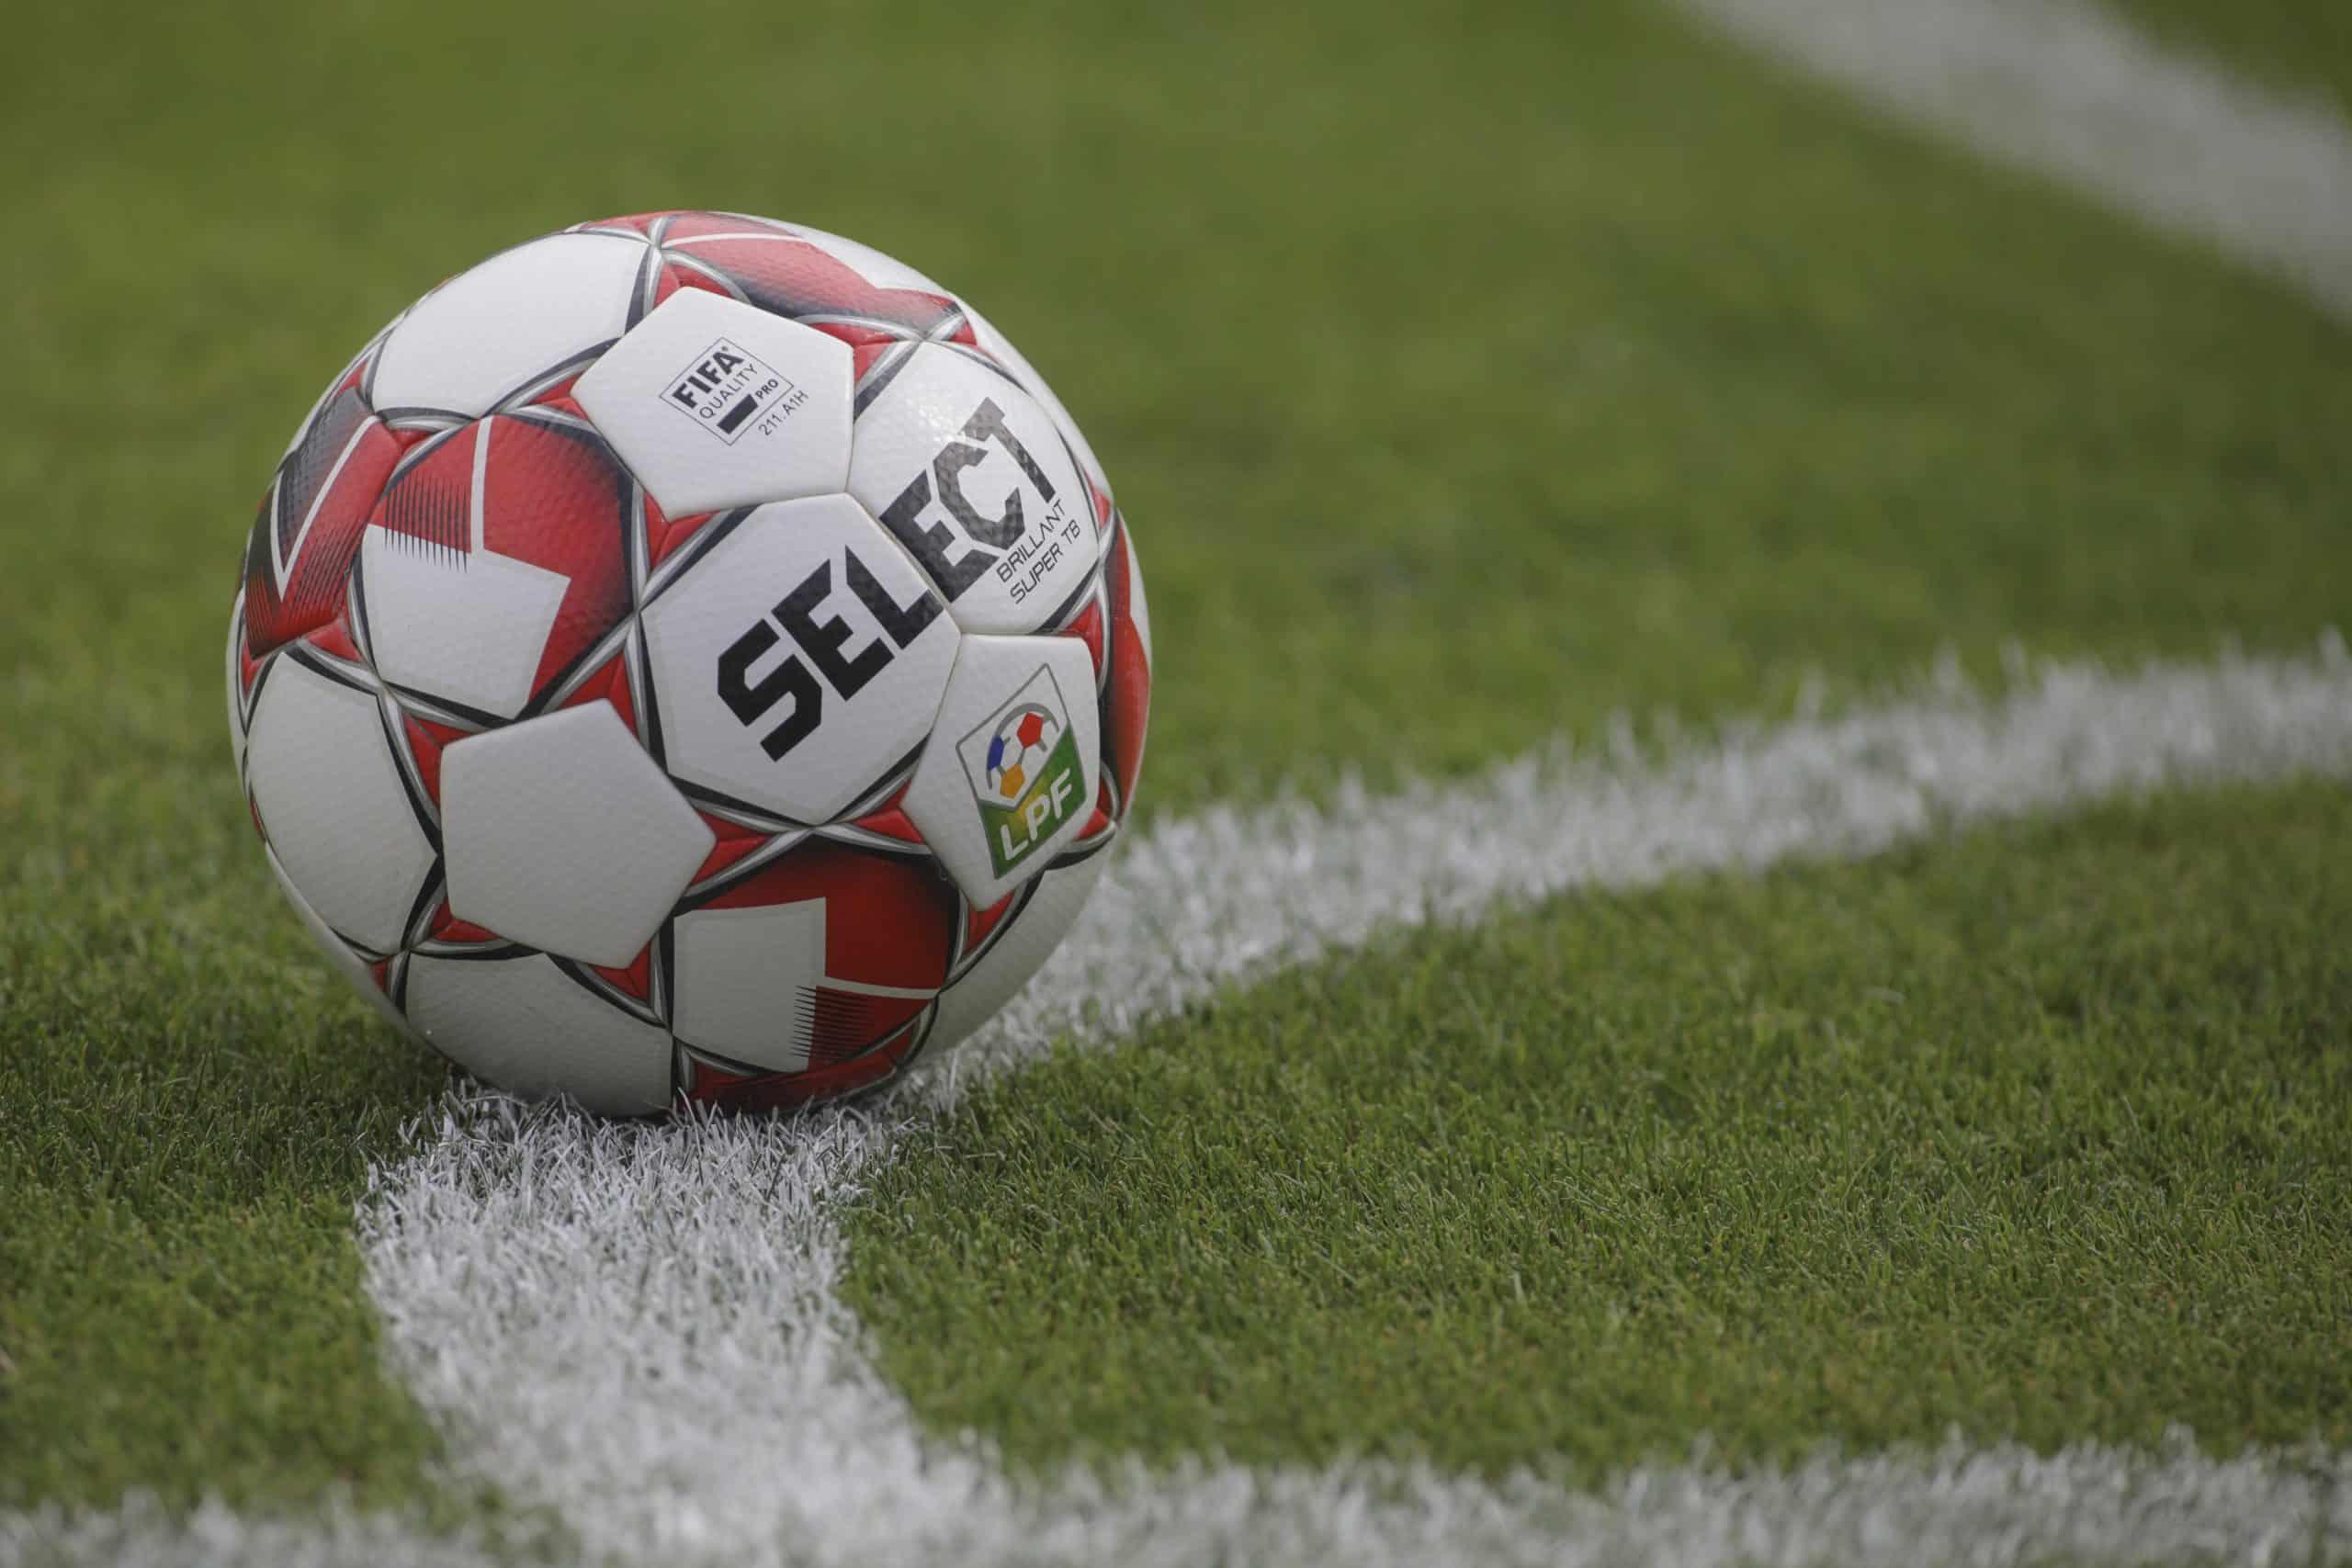 UEFA a acordat victoria României (3-0) în meciul de fotbal cu Norvegia, din Liga Naţiunilor